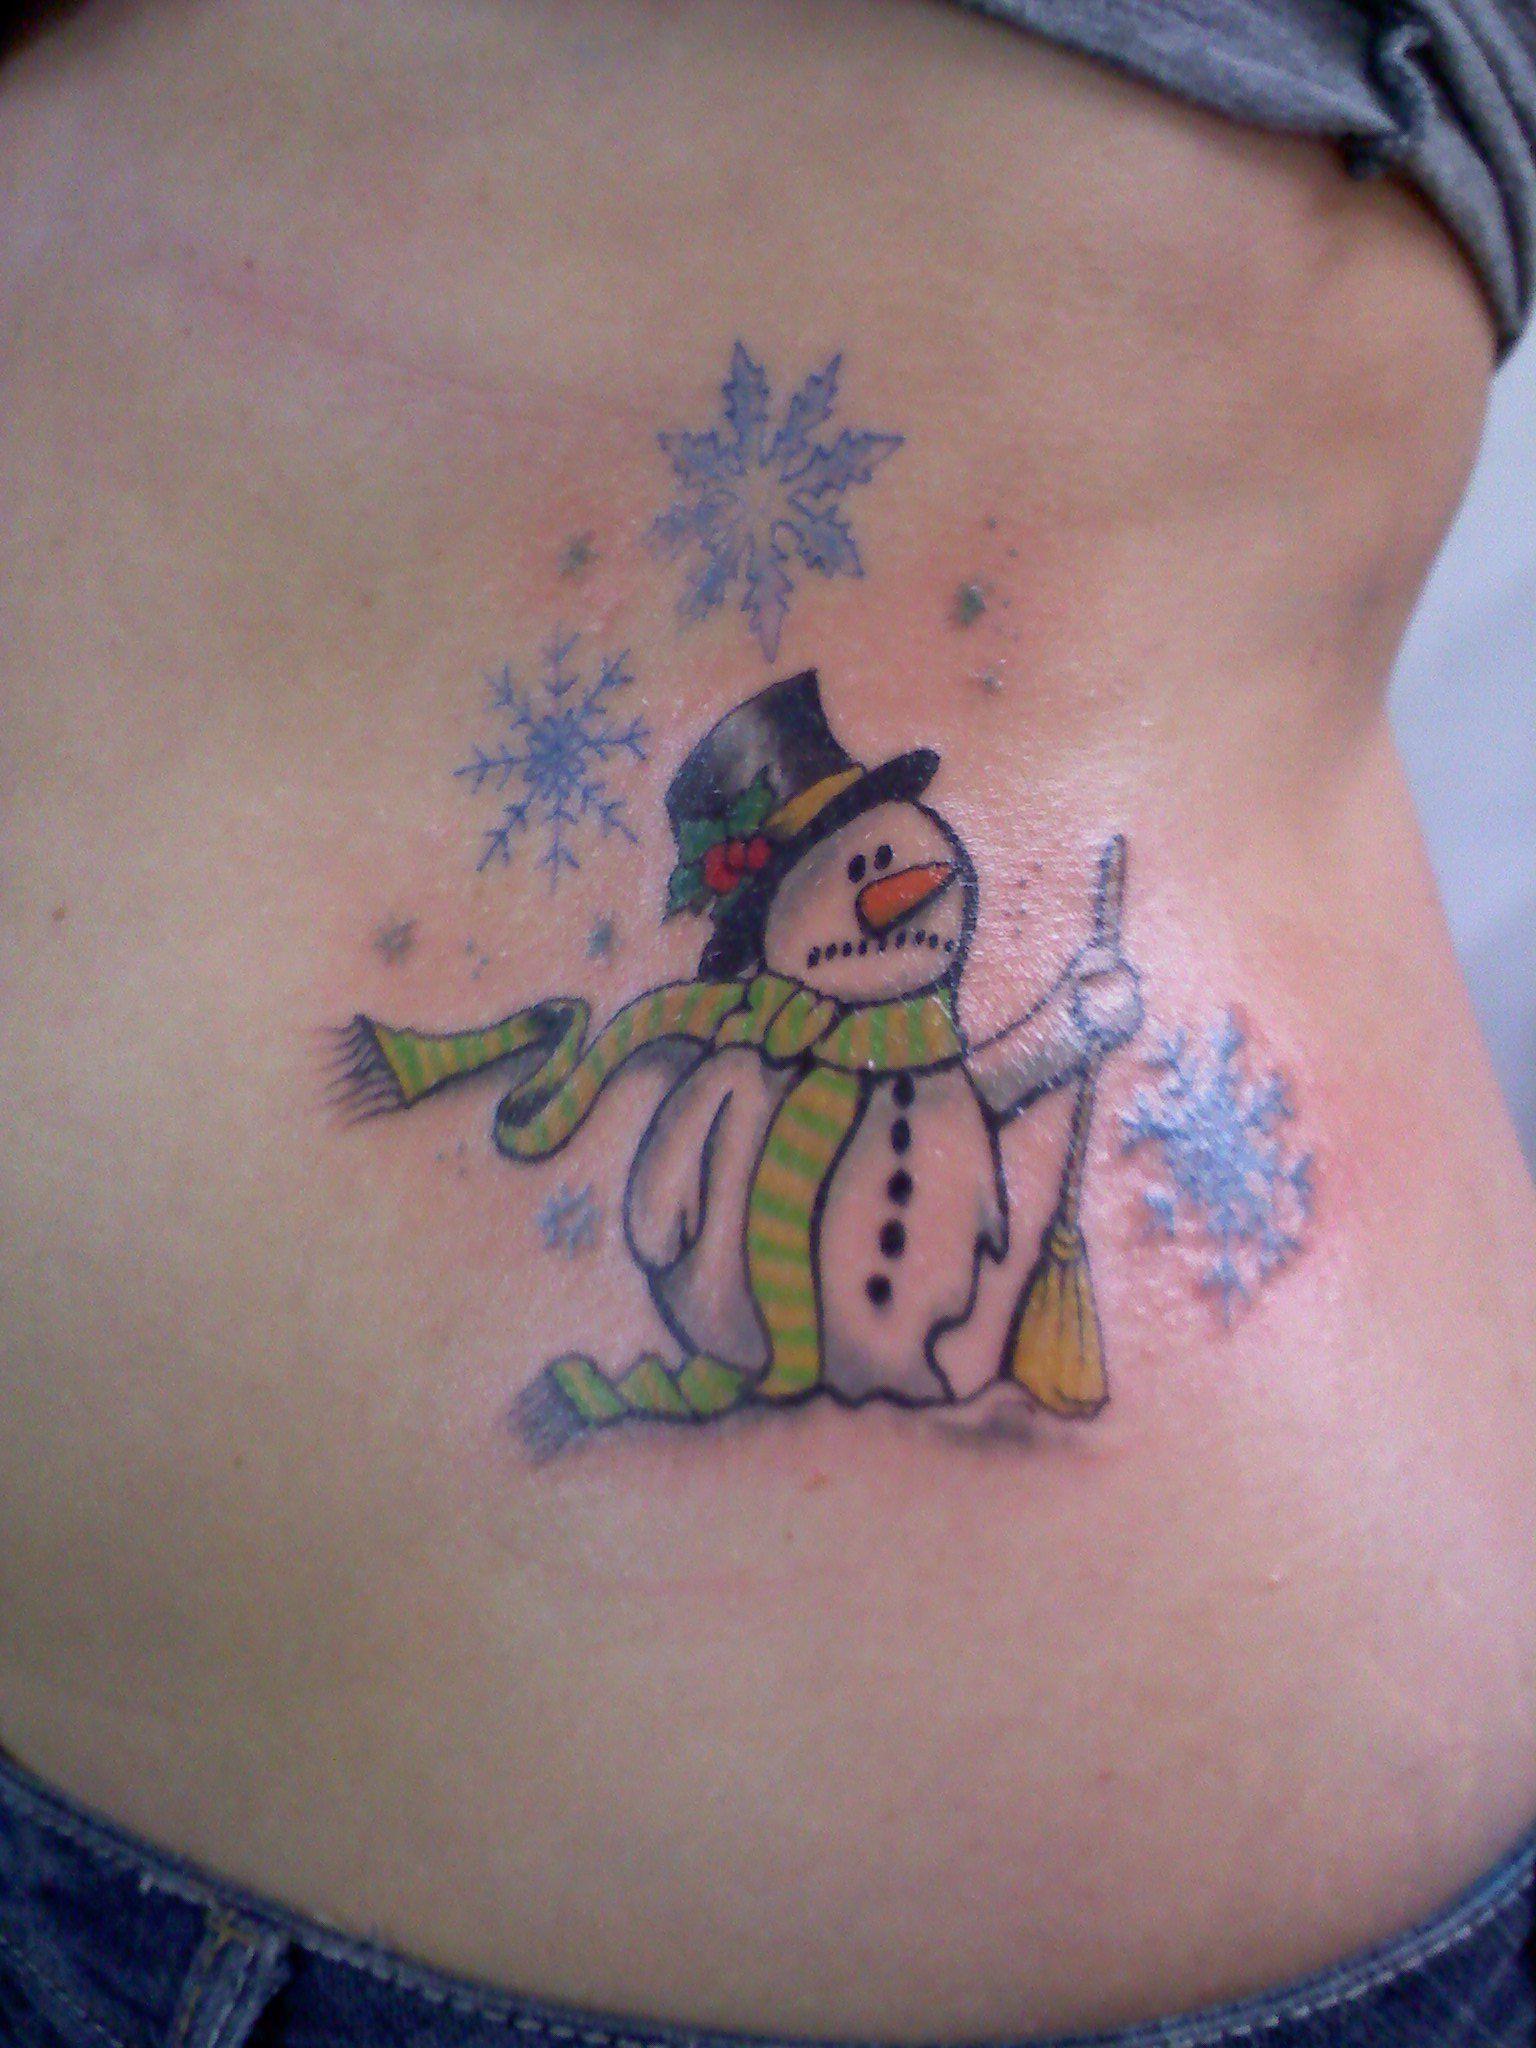 1536pxEvil Snowman Tattoo